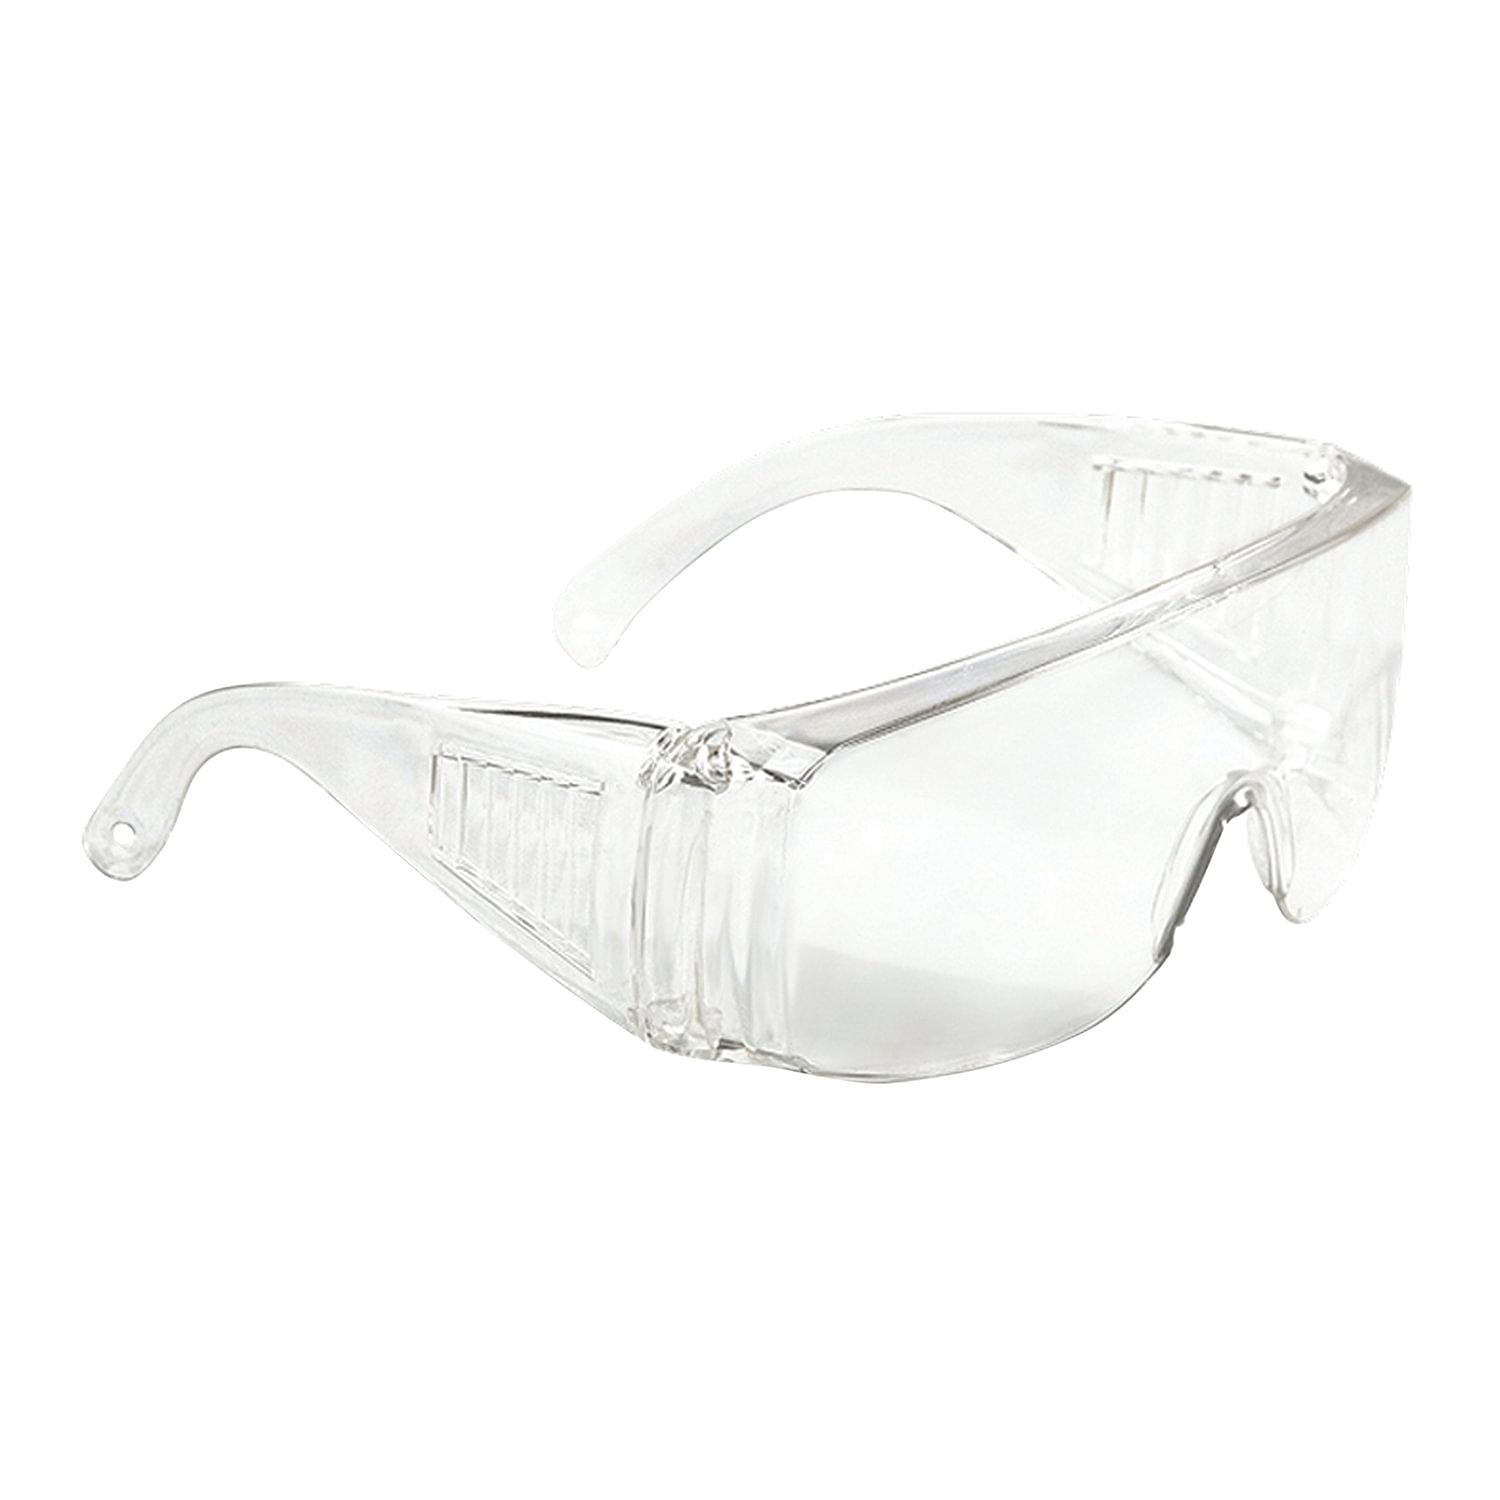 Очки защитные СИБРТЕХ, открытого типа, прозрачные, ударопрочный поликарбонат